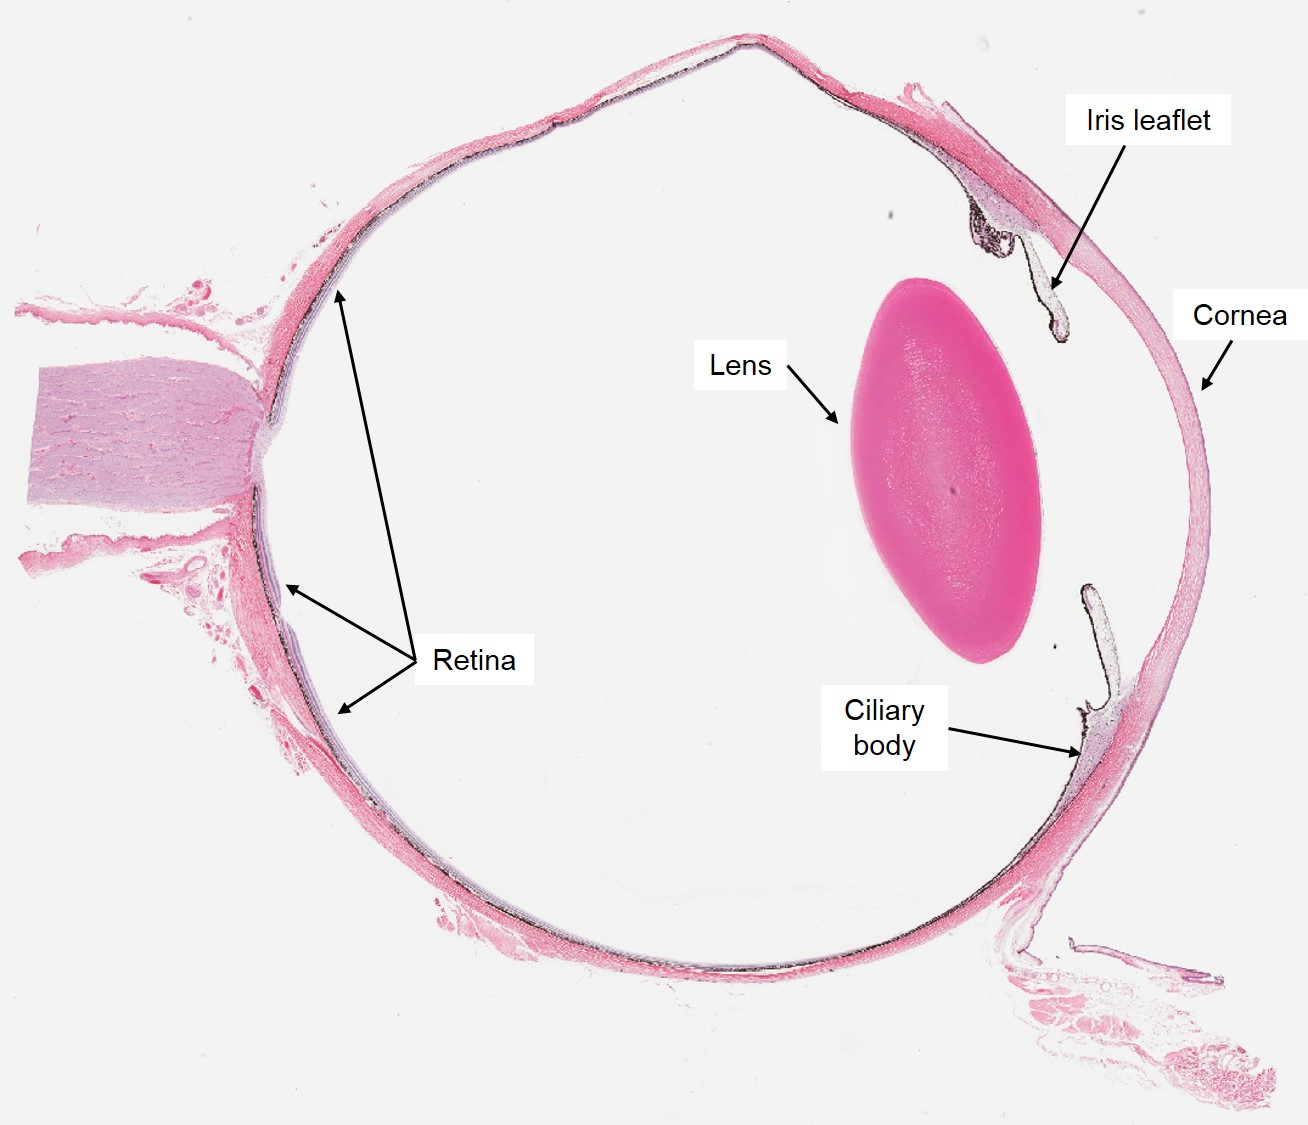 Vascular Tunic – Veterinary Histology